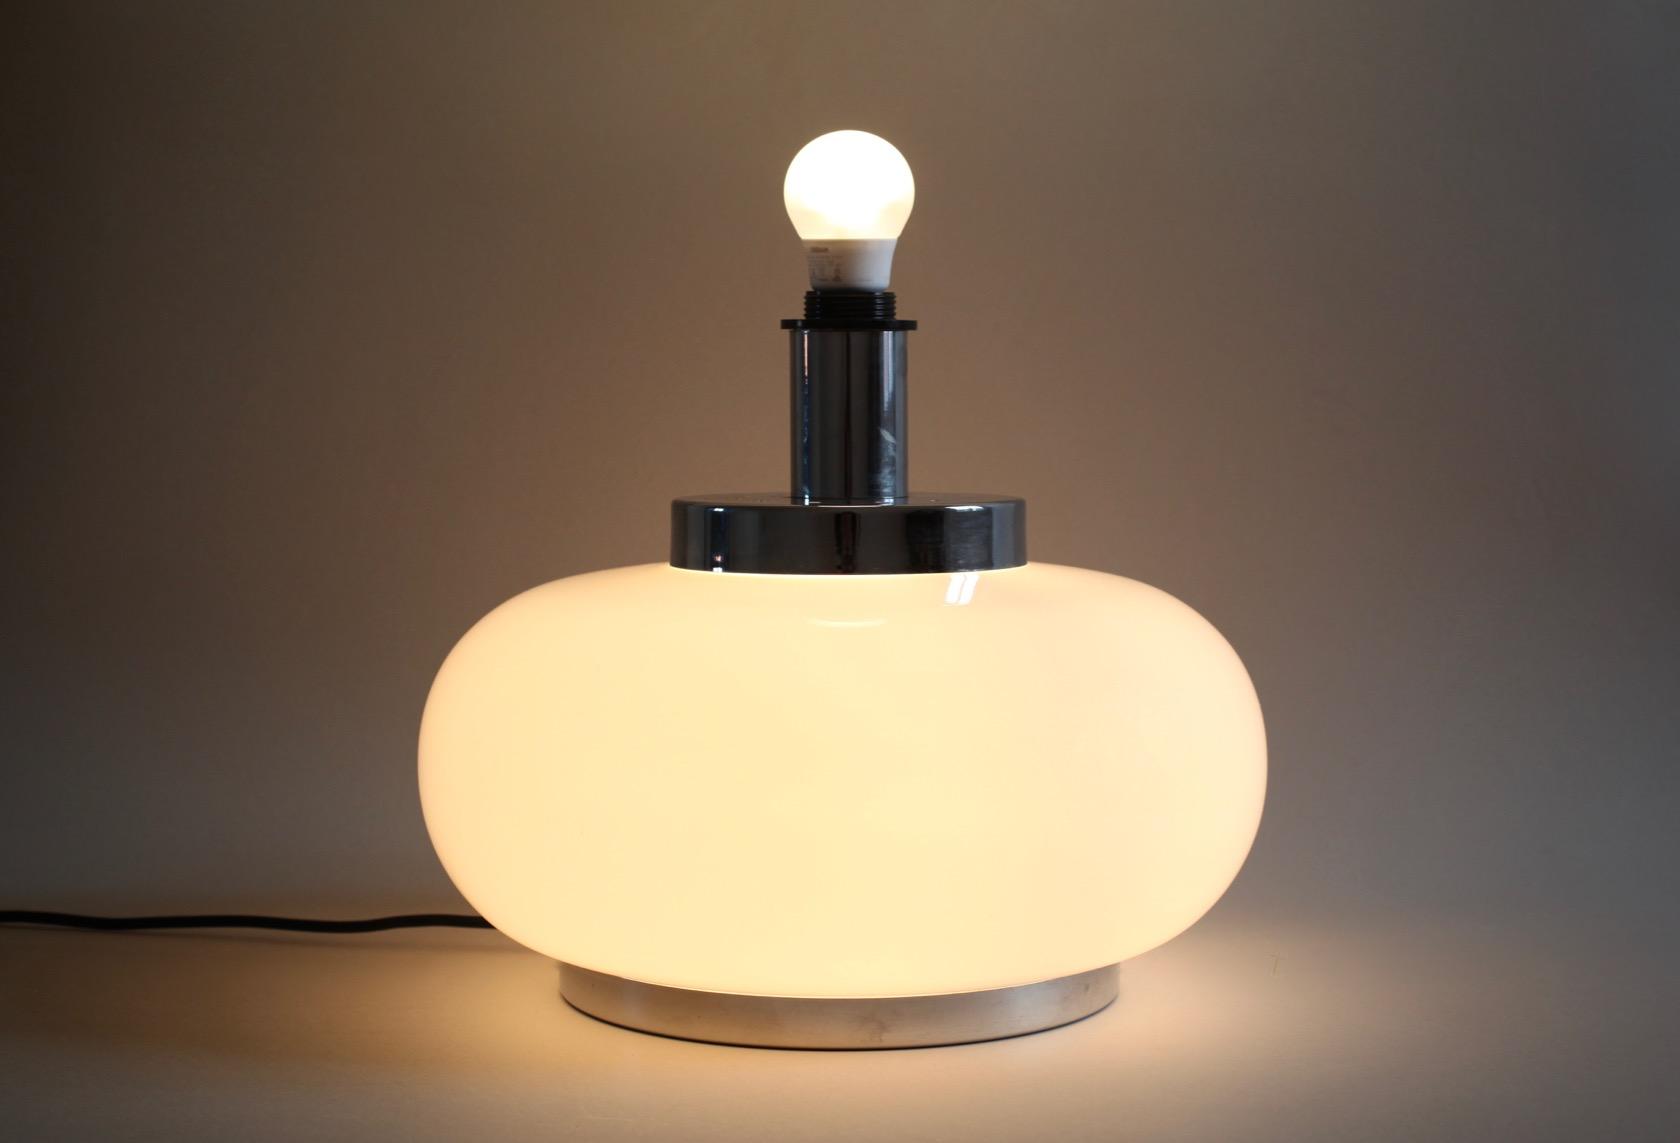 Ansprechend Tischlampe Mit Glasfuß Dekoration Von Tischlampe-italien-5